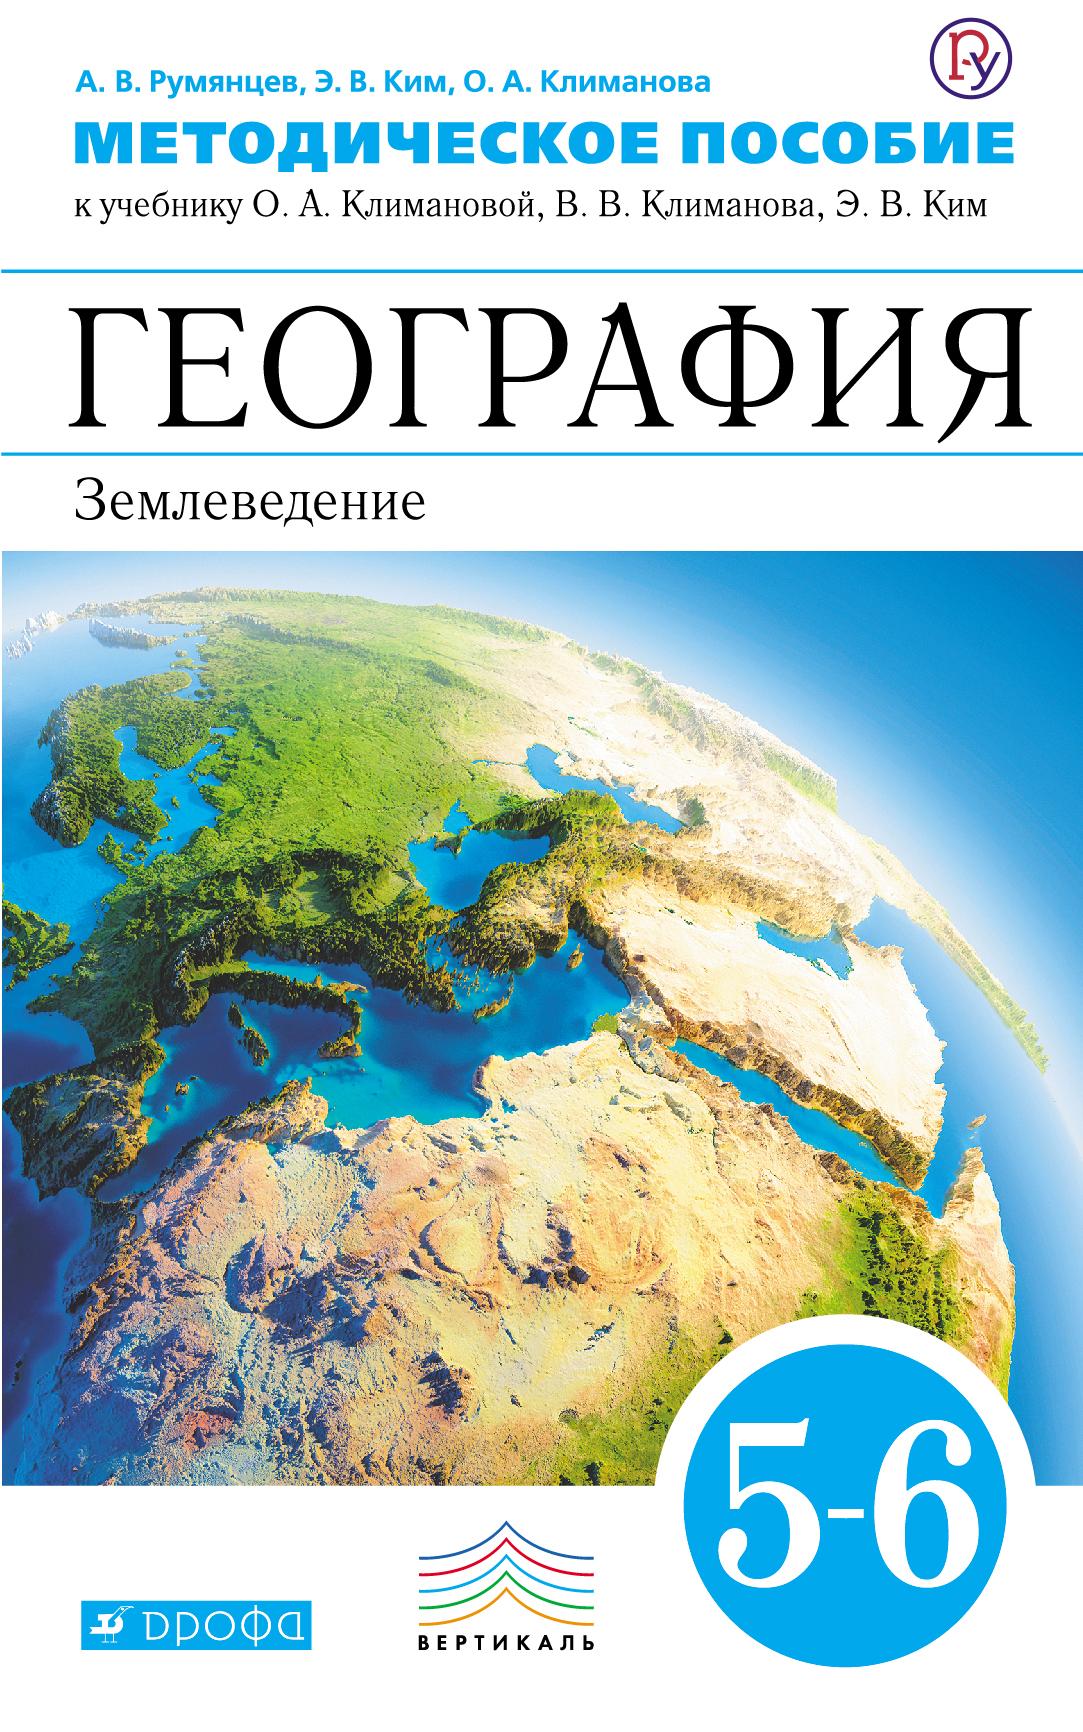 География. 5–6 классы. Методическое пособие ( Румянцев А.В., Ким Э.В., Климанова О.А.  )